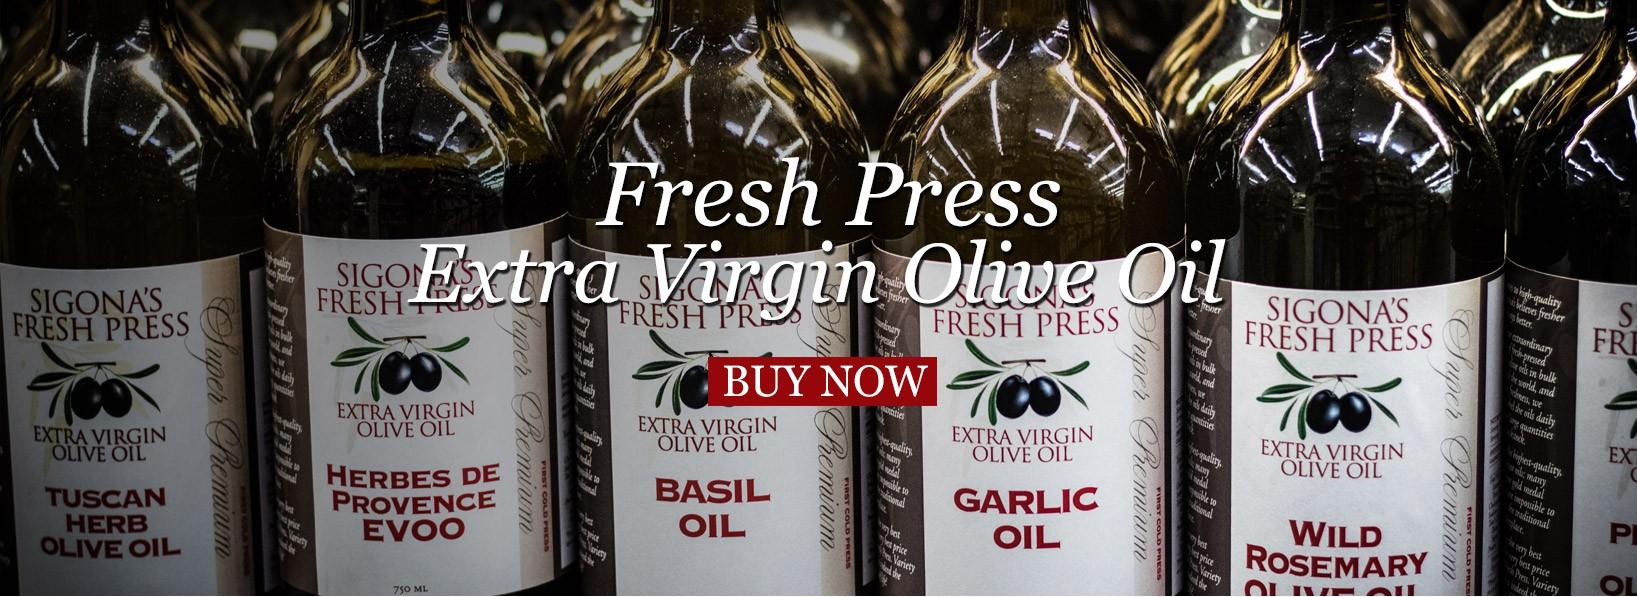 Fresh Press Olive Oil